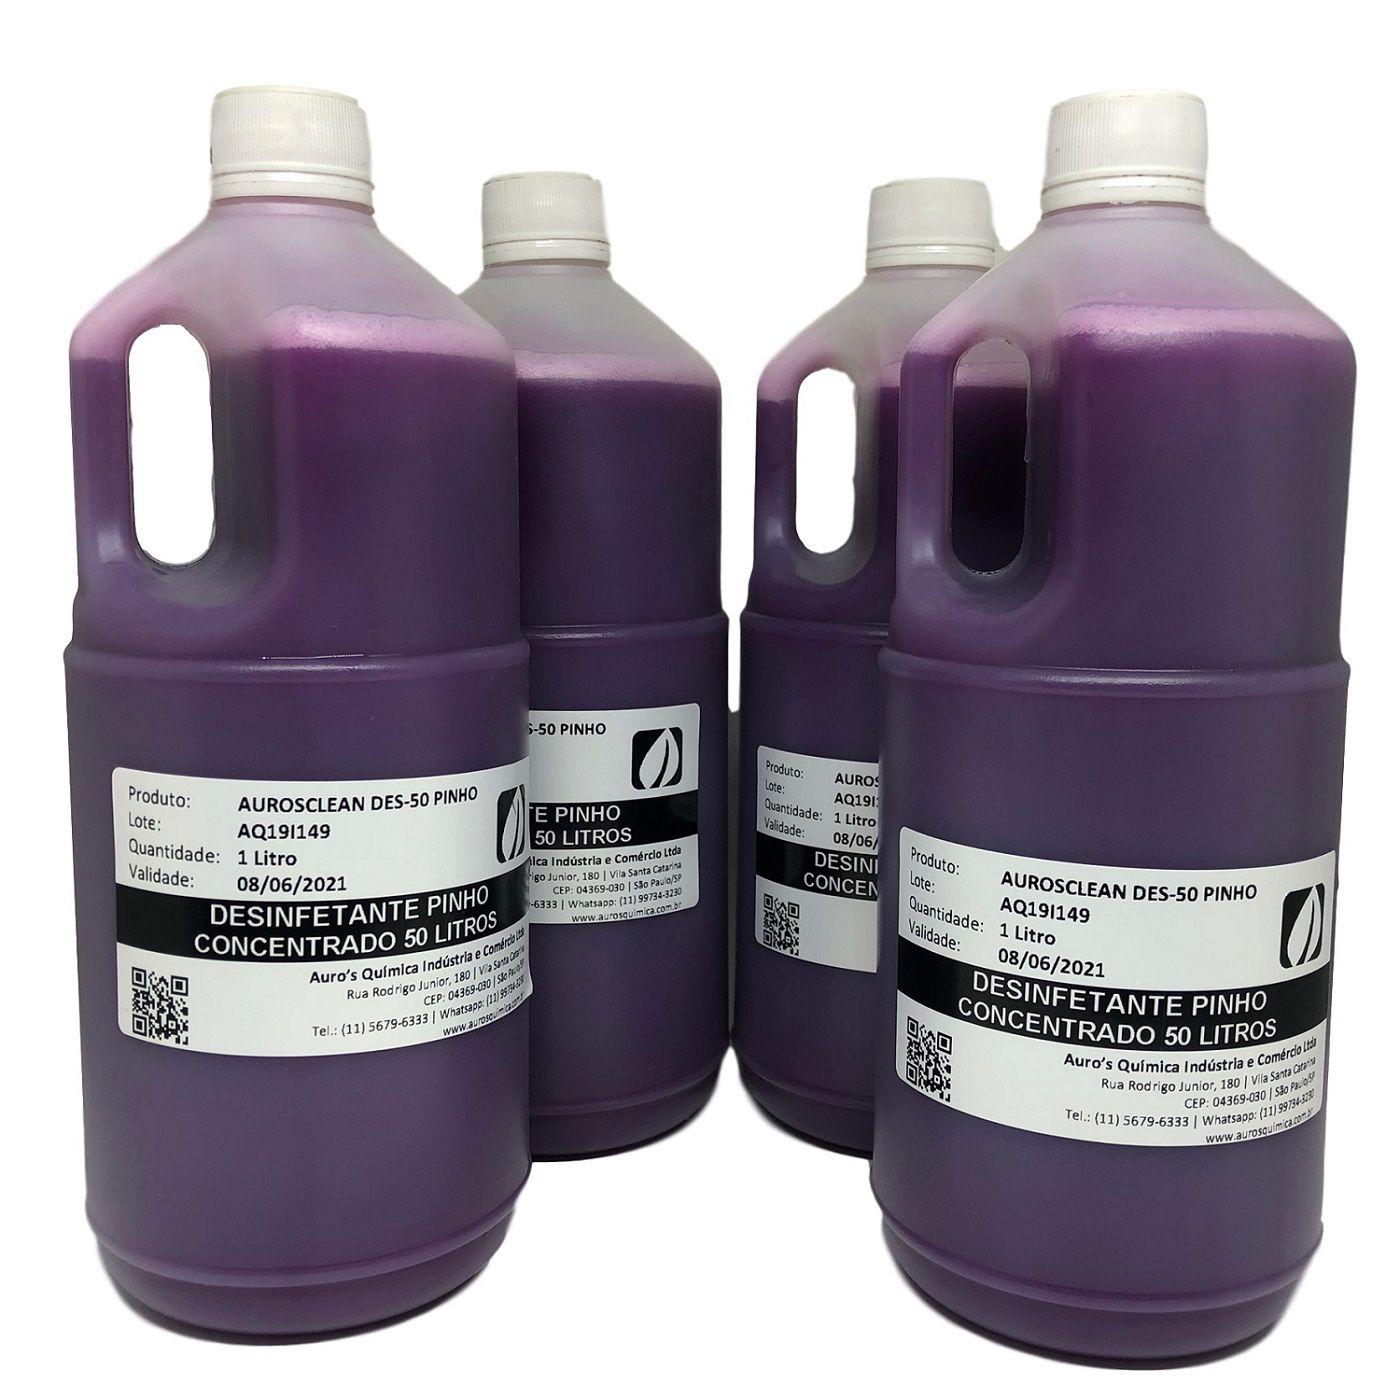 Desinfetante Concentrado (Pinho) - 50 Litros